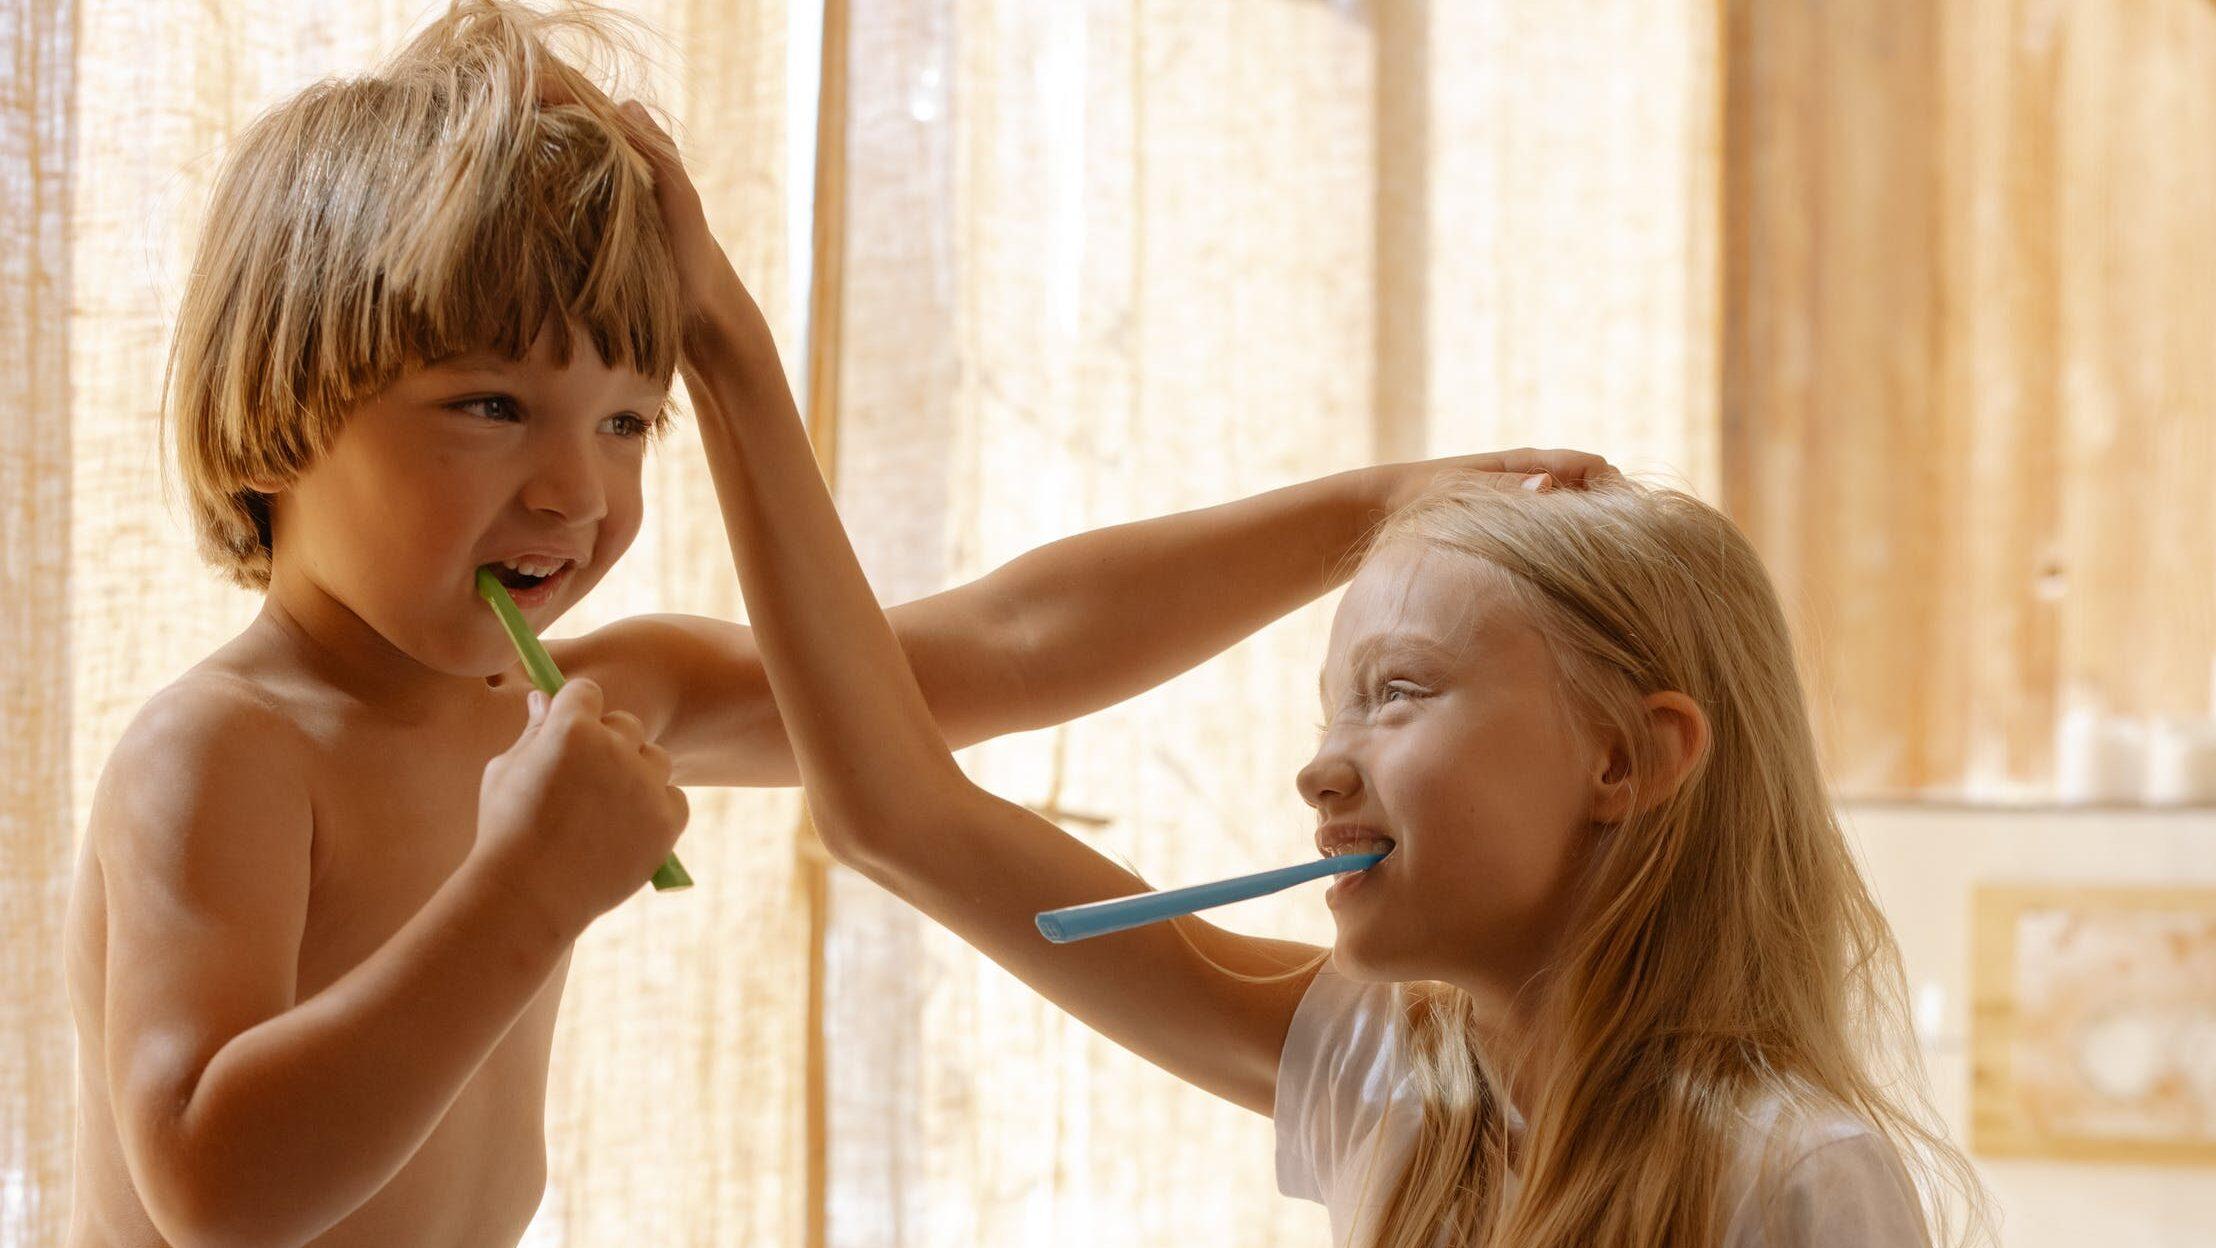 子供の歯ブラシによる喉突き事故のイメージ画像3